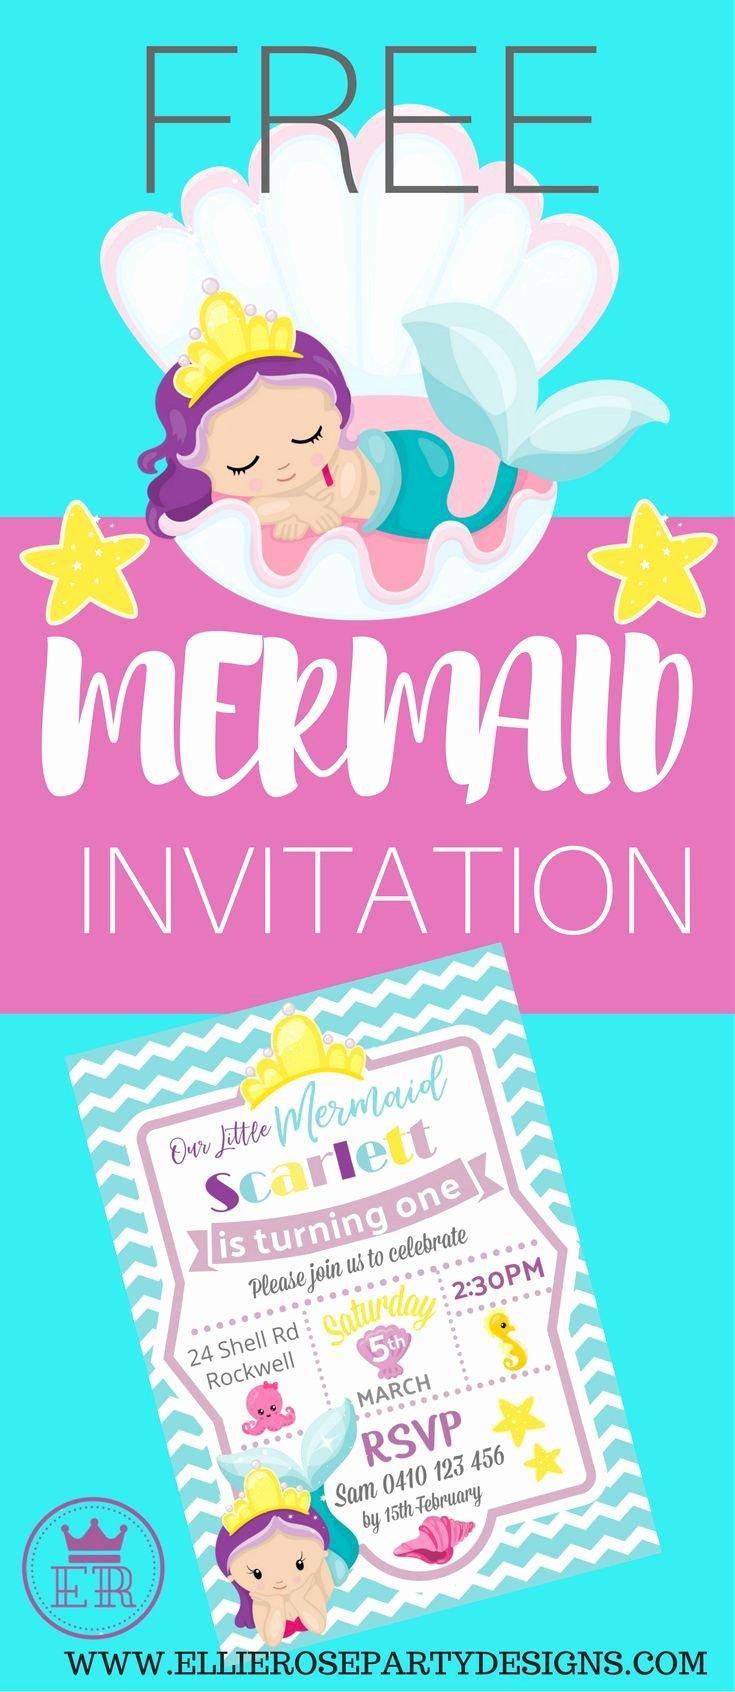 Mermaid Birthday Invitation Templates Elegant Best 25 Mermaid Party Invitations Ideas On Pinterest